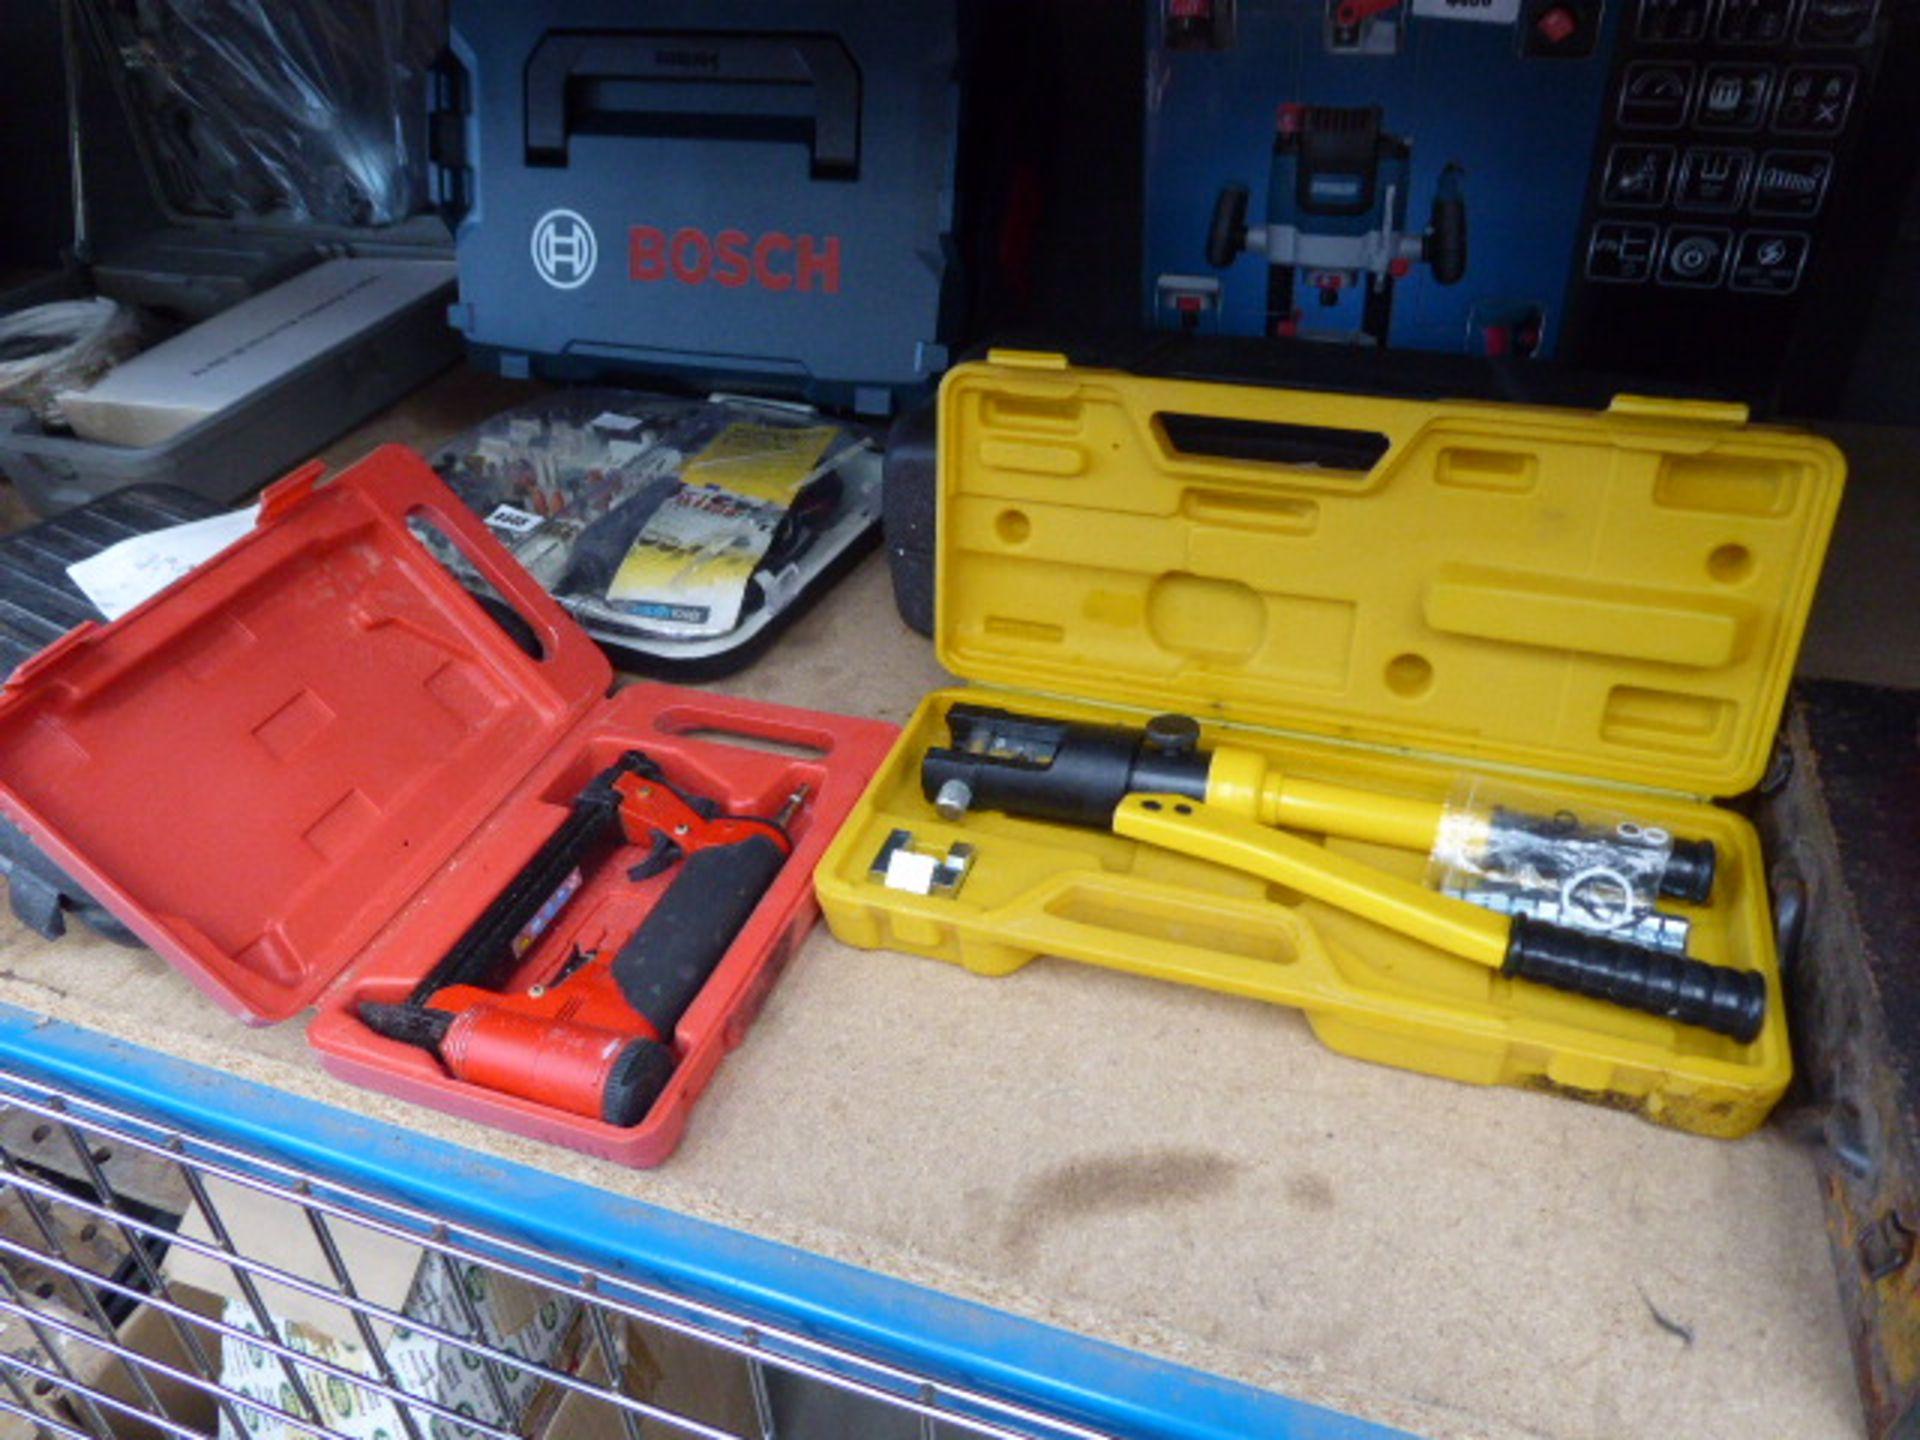 Lot 4451 - Air nailer, crimping tool and polisher